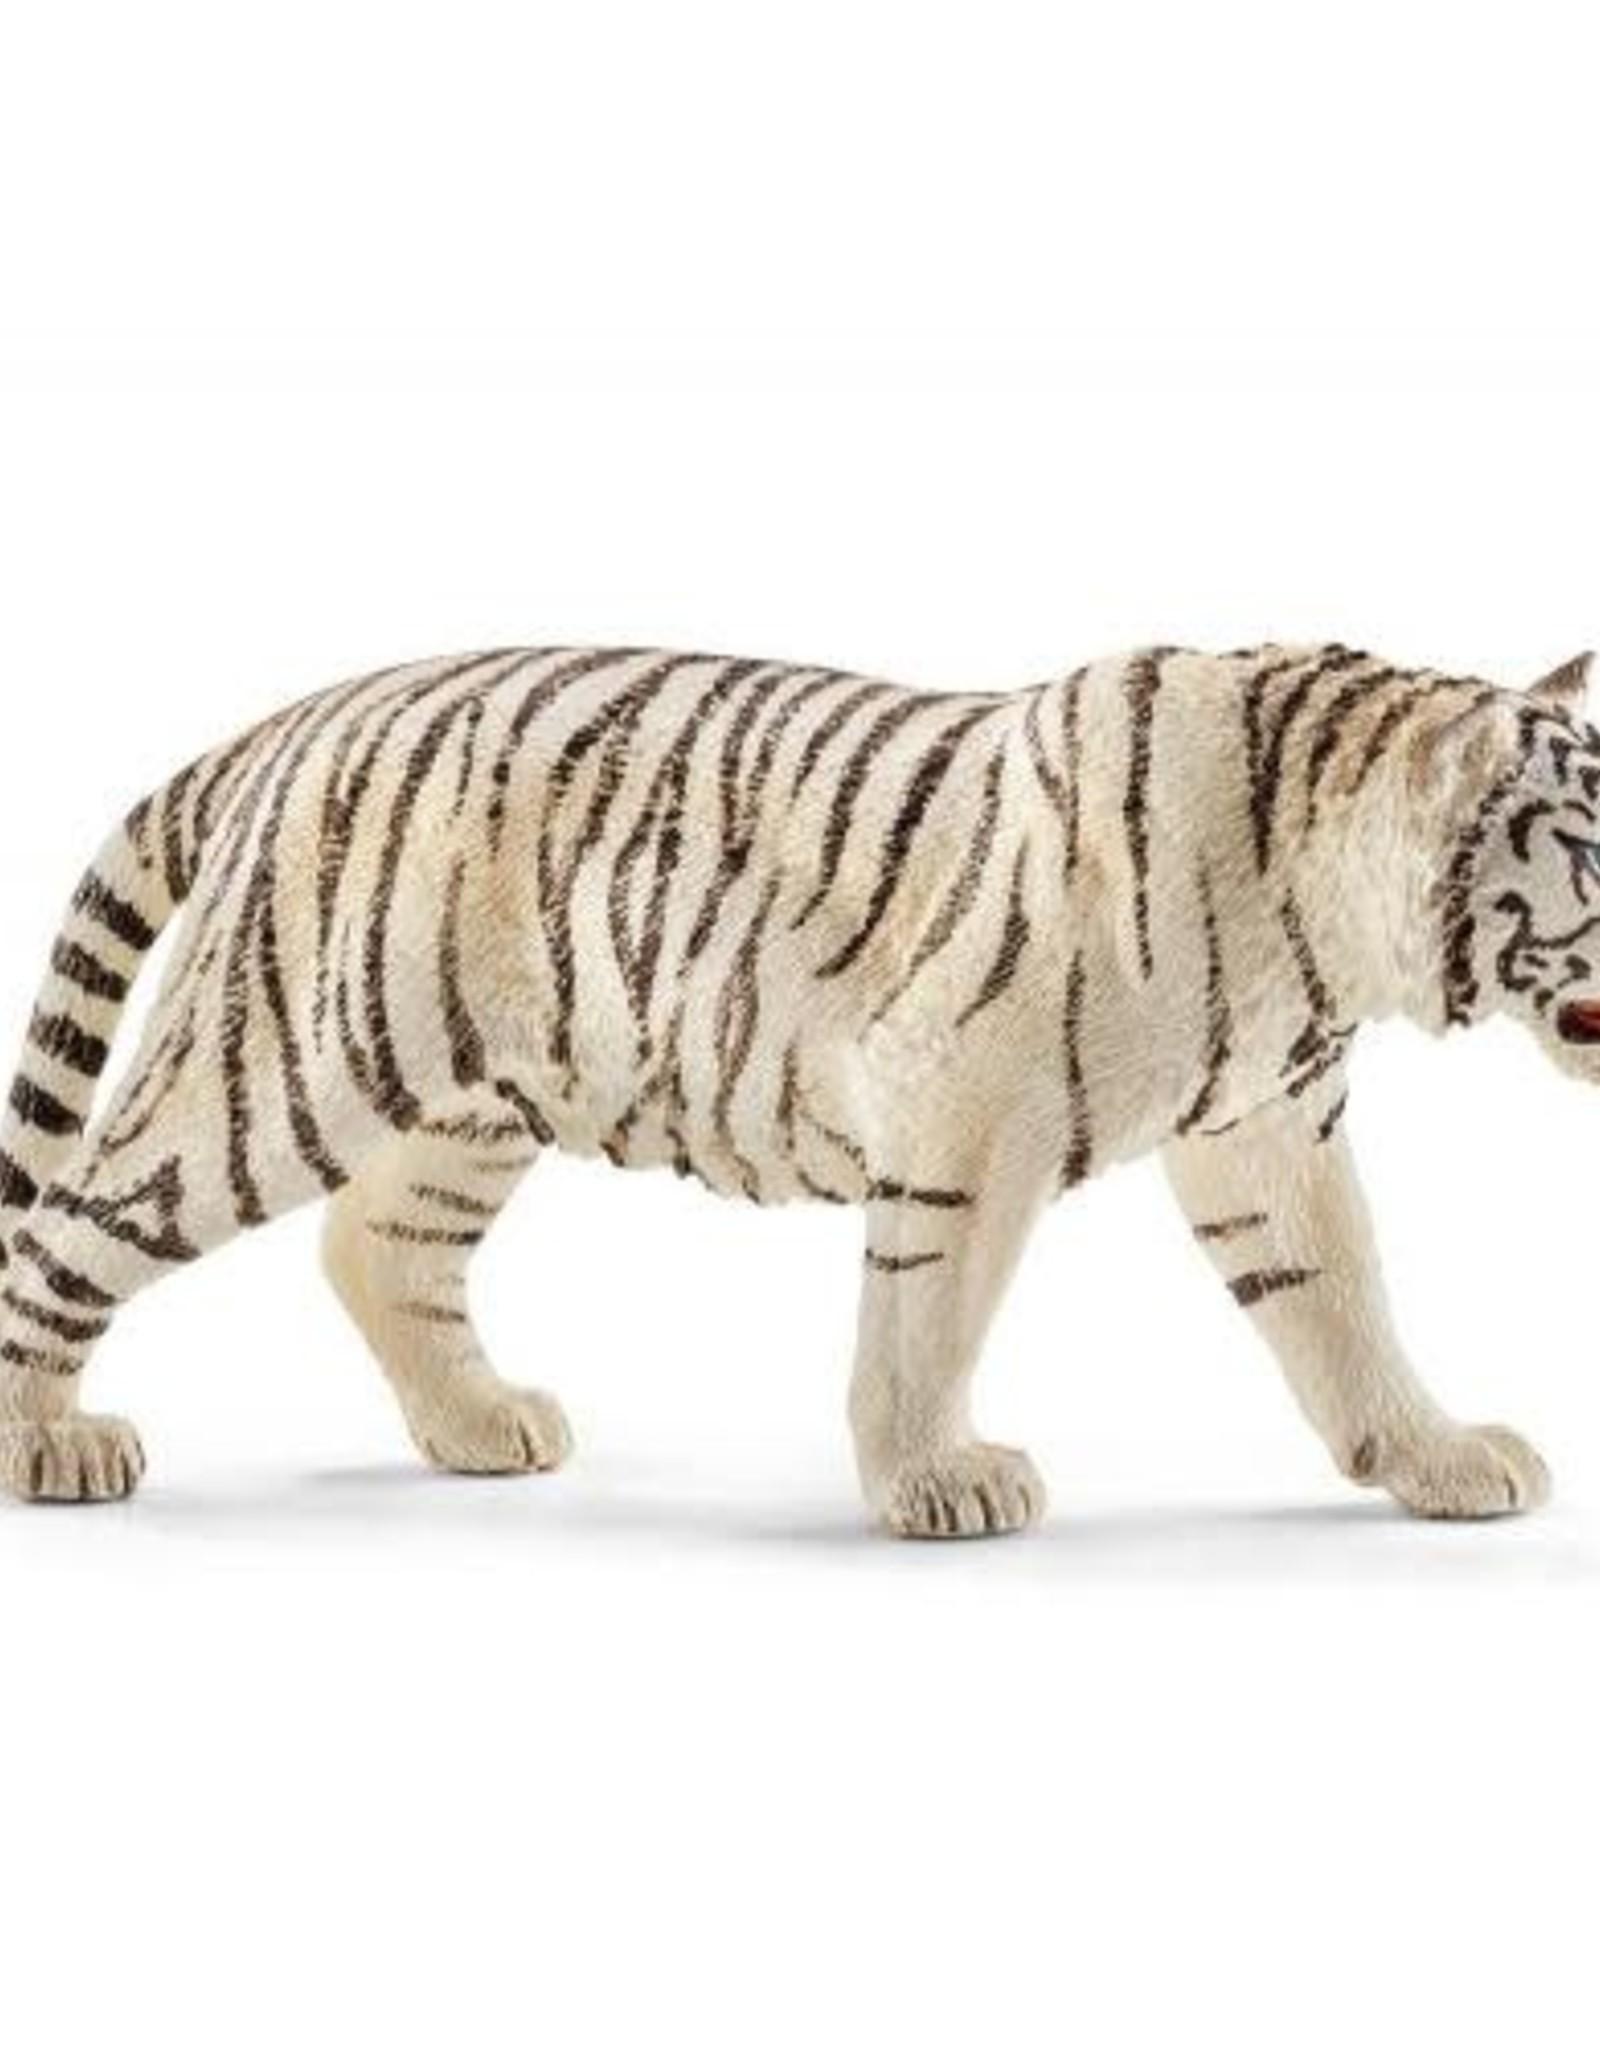 Schleich Schleich Wild Life - White Tiger